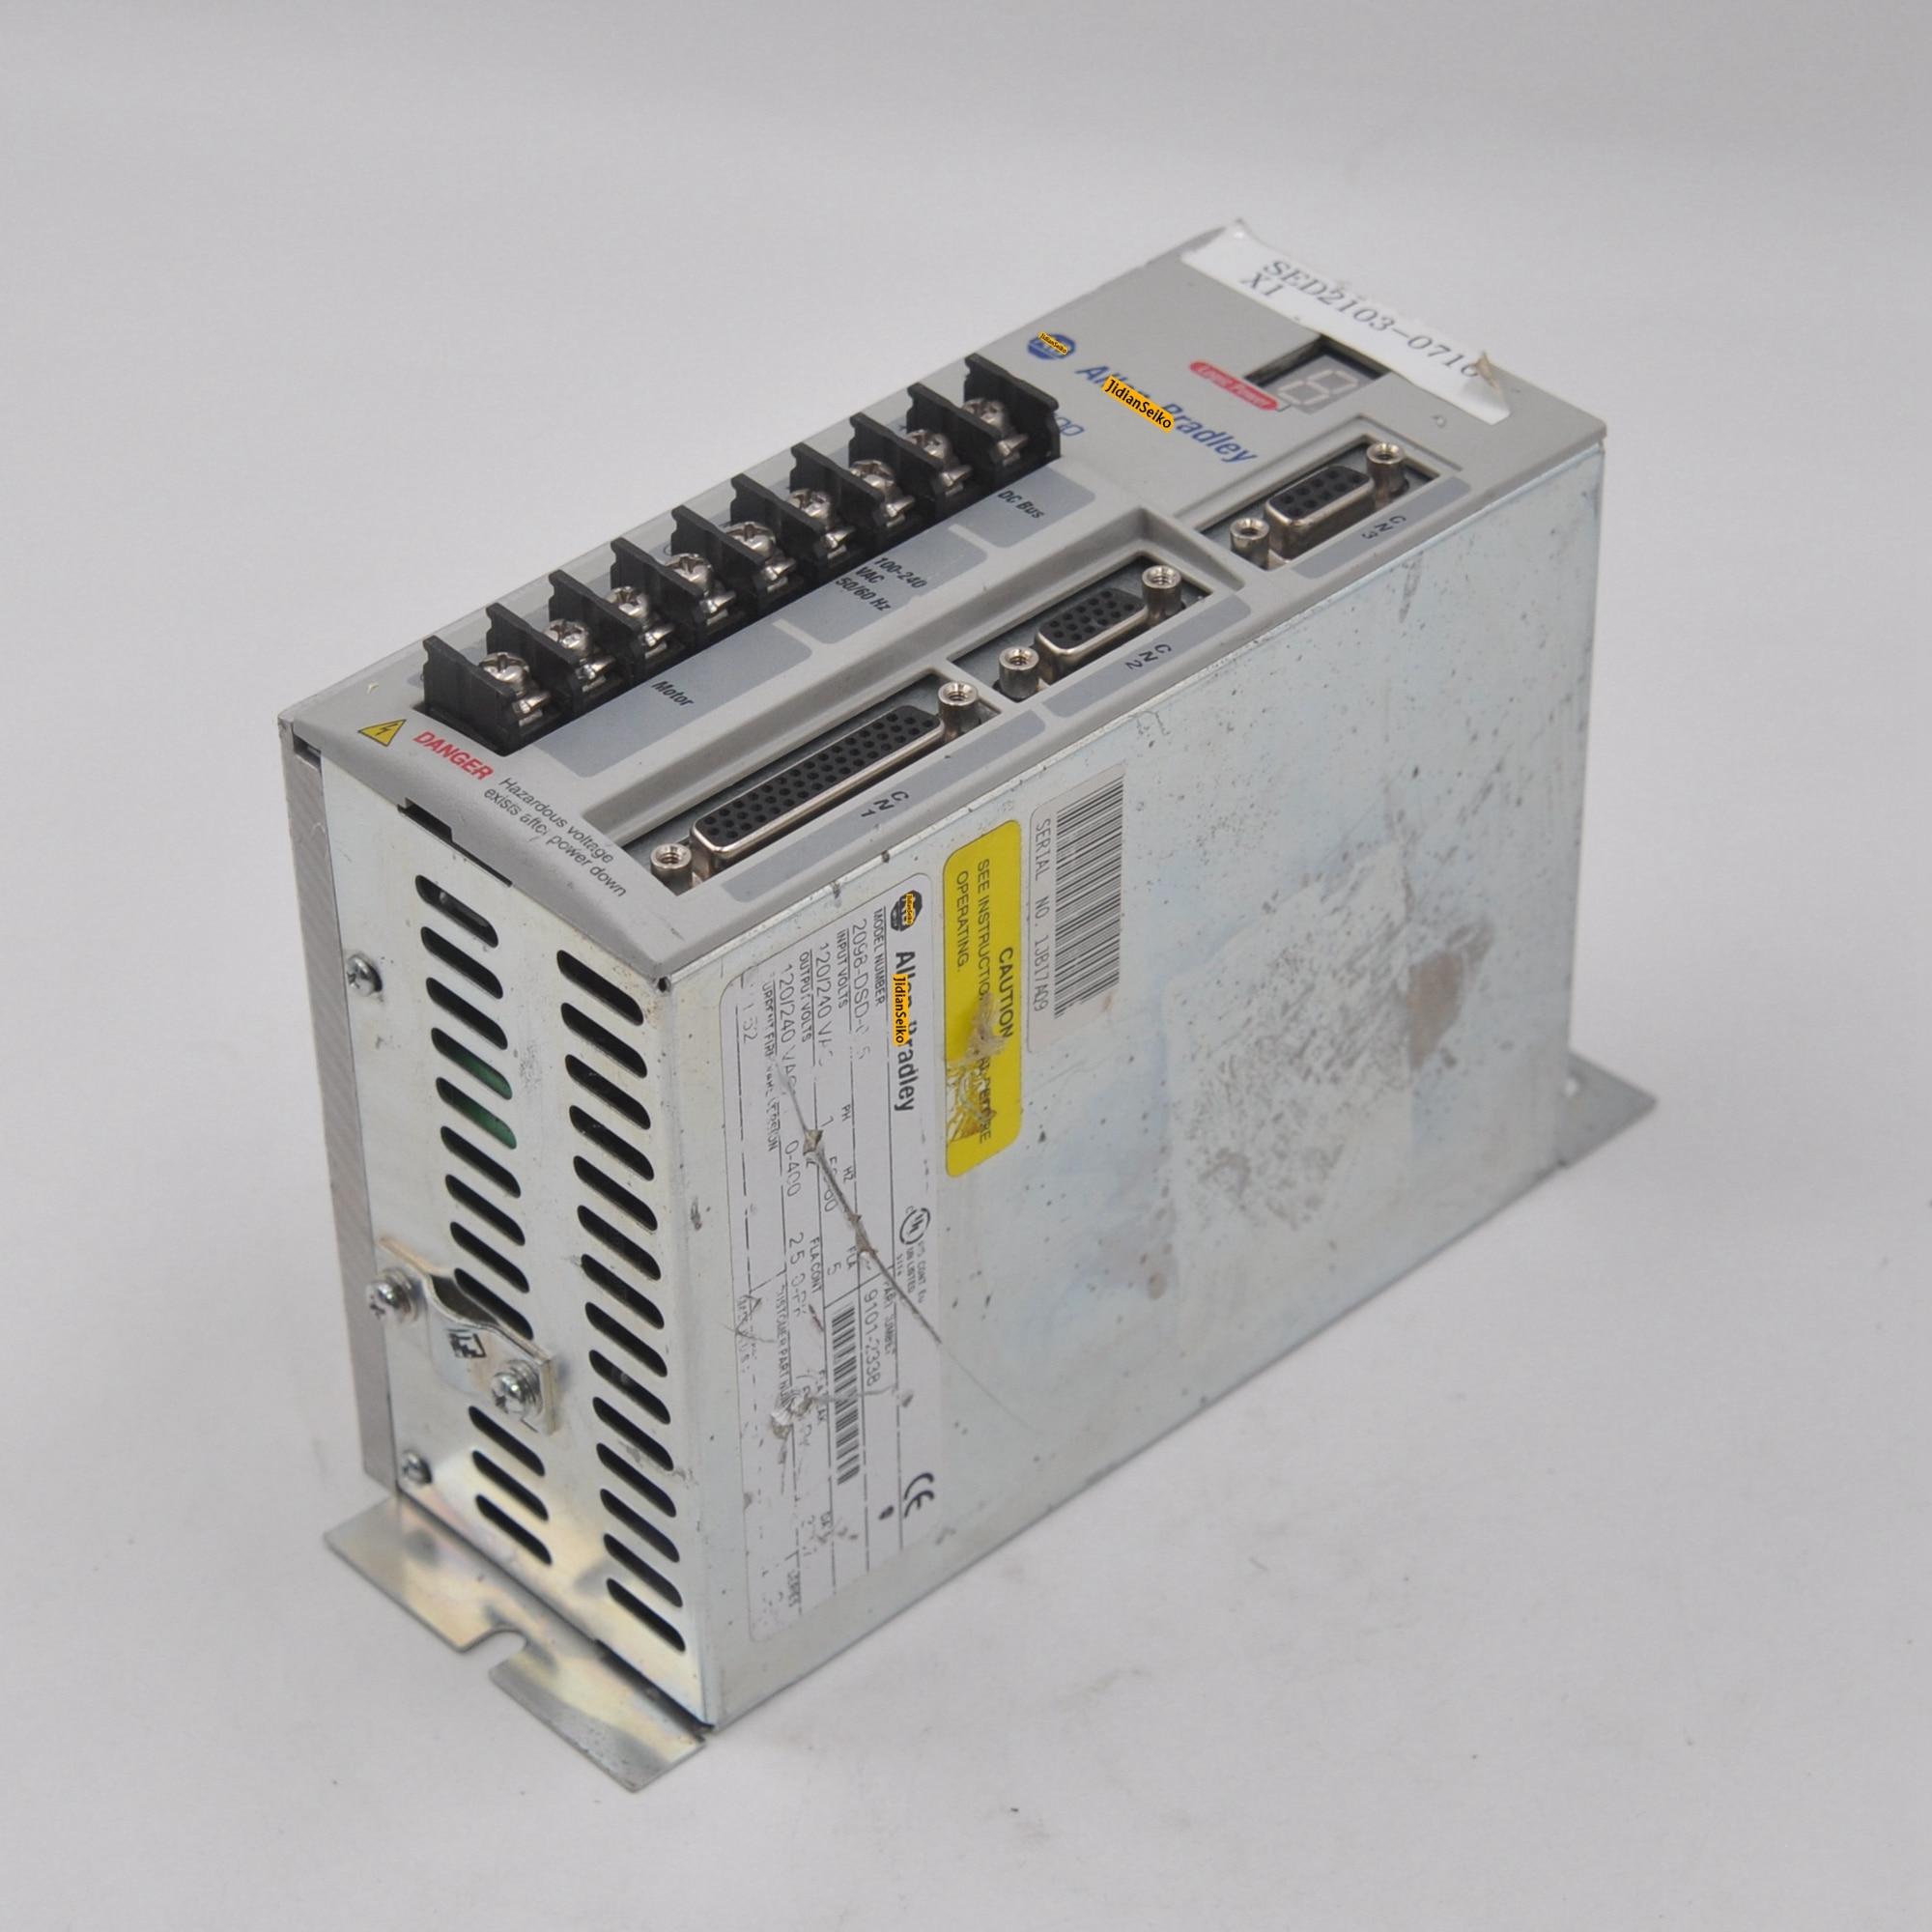 2098-DSD-005 servo controller enlarge